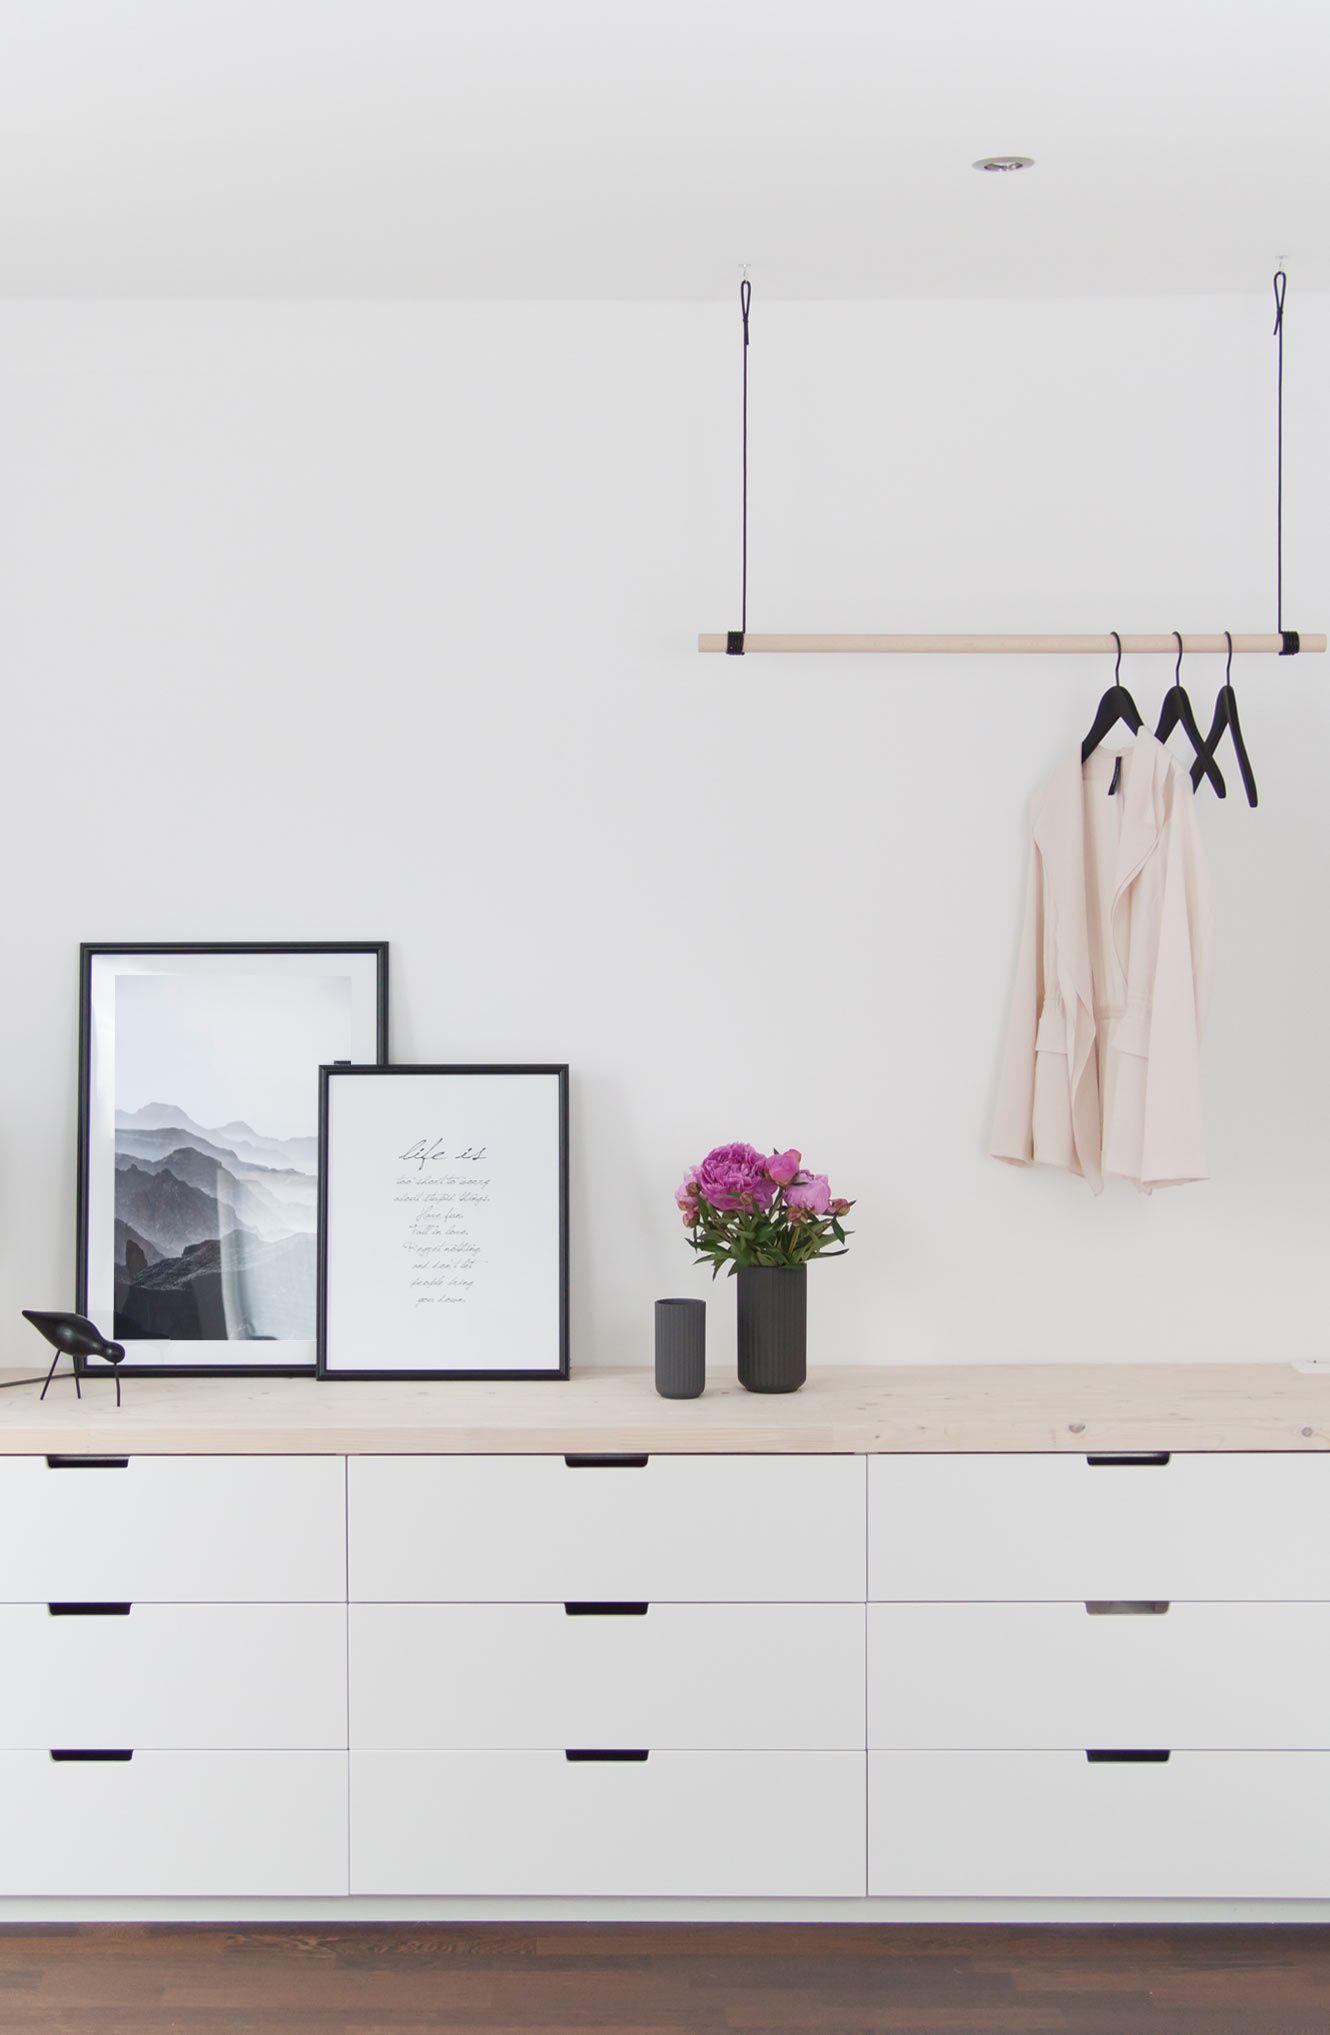 Neue Hängegarderobe & ein bißchen mehr Schlafzimmer